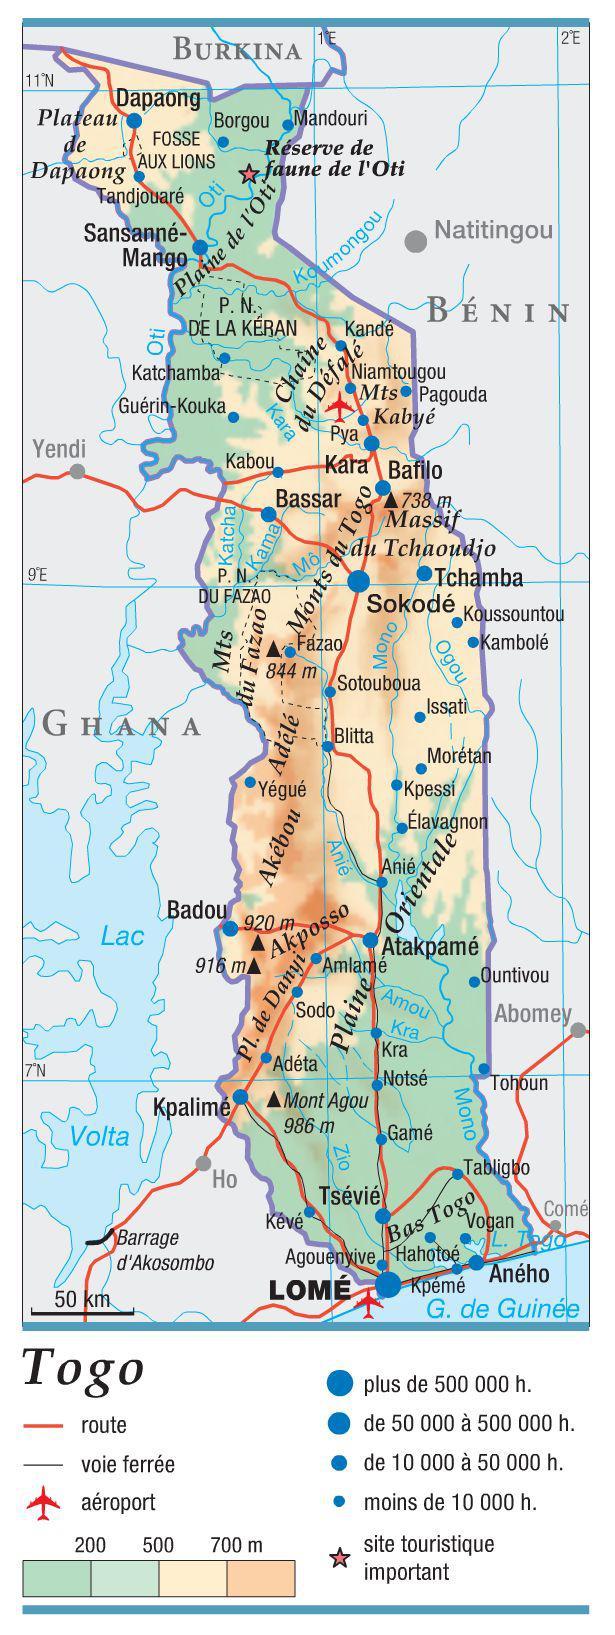 Carte du Togo   Plusieurs cartes du pays en Afrique